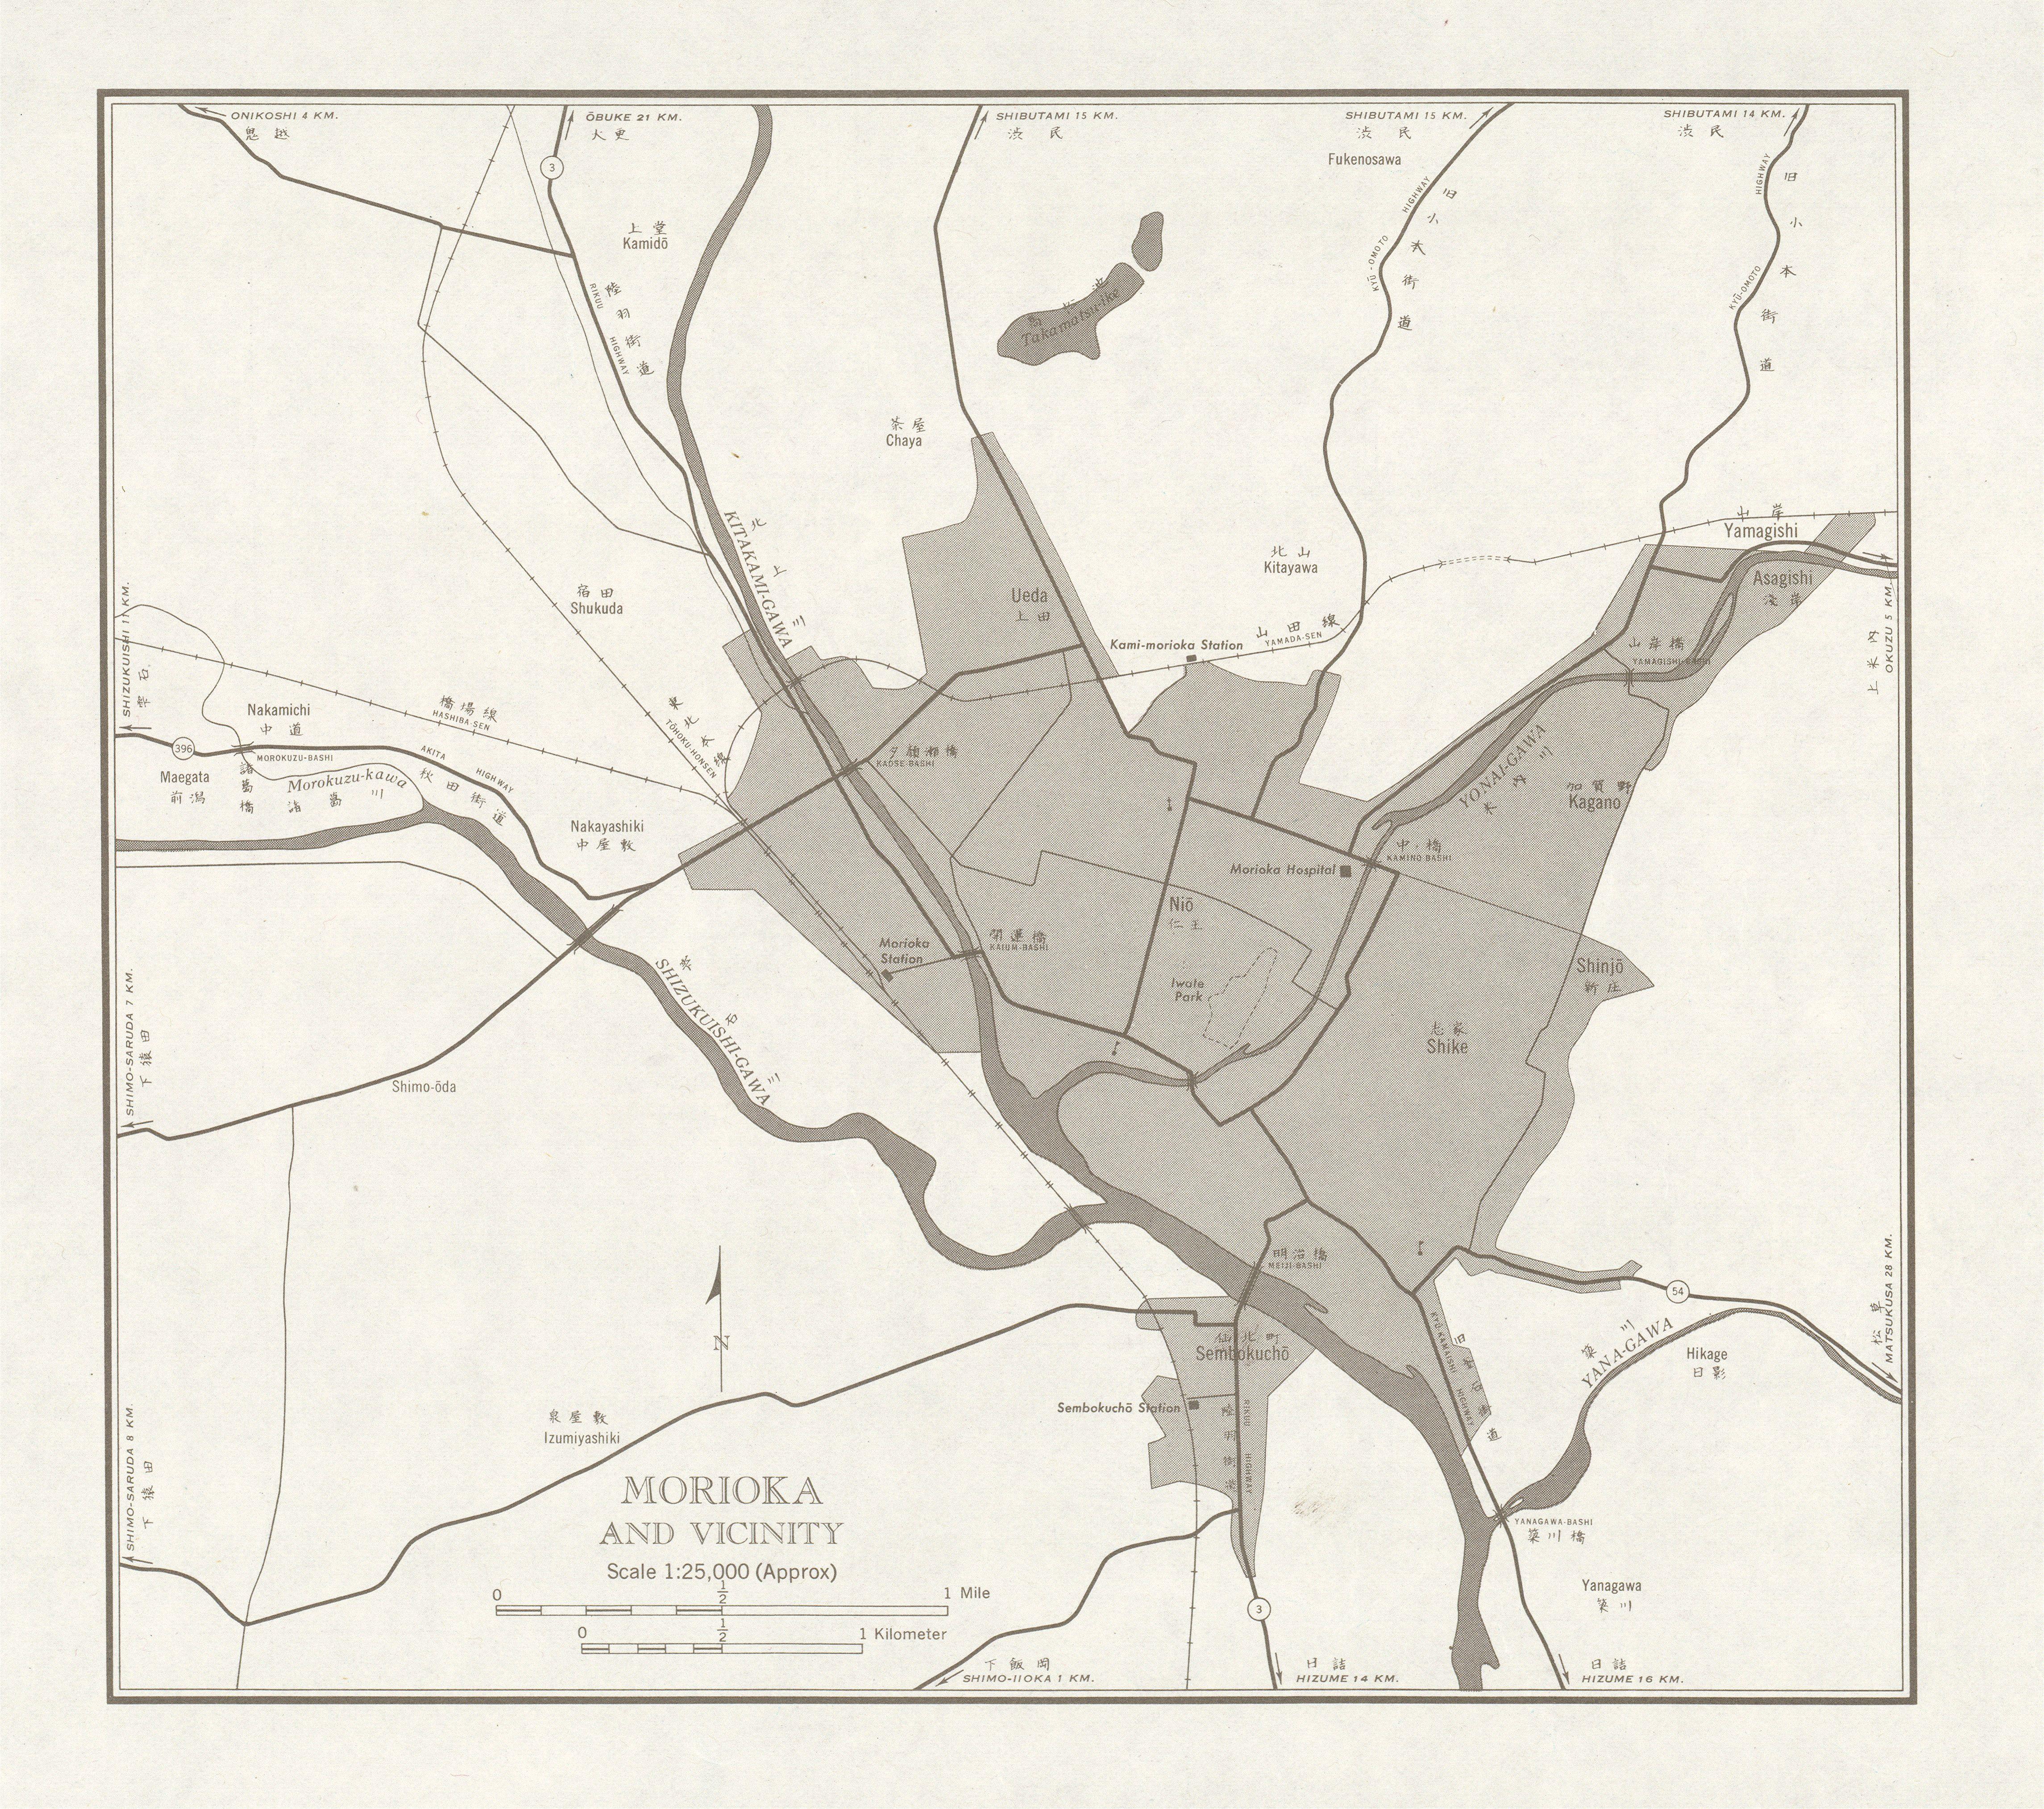 Map of Morioka and Vicinity, Japan 1954